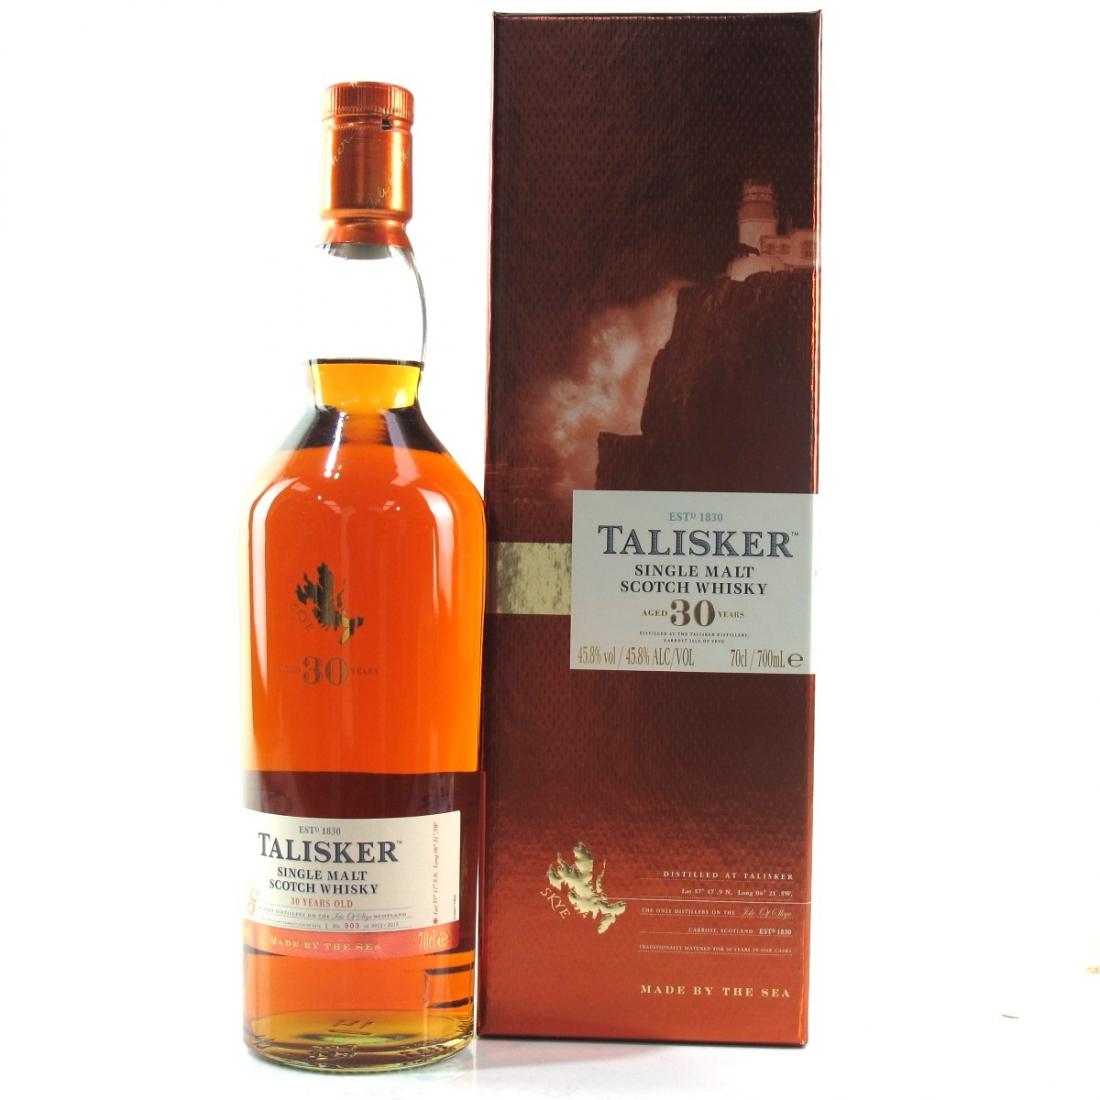 Talisker 30 Year Old 2015 Release